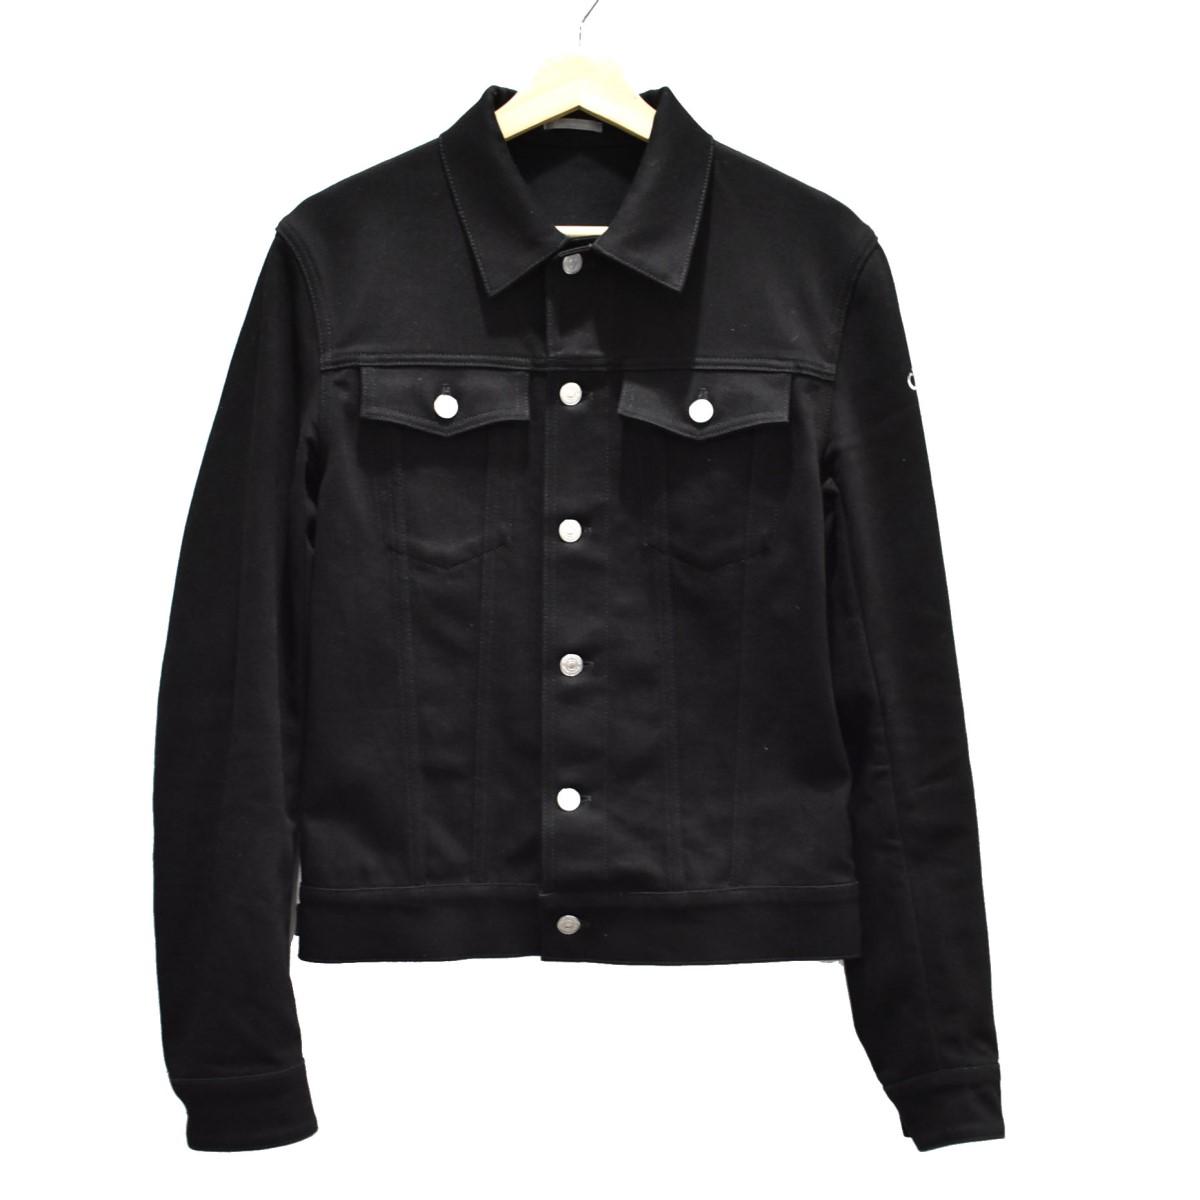 【中古】Dior Homme ATELIER Gジャン ブラック サイズ:46 【120420】(ディオールオム)